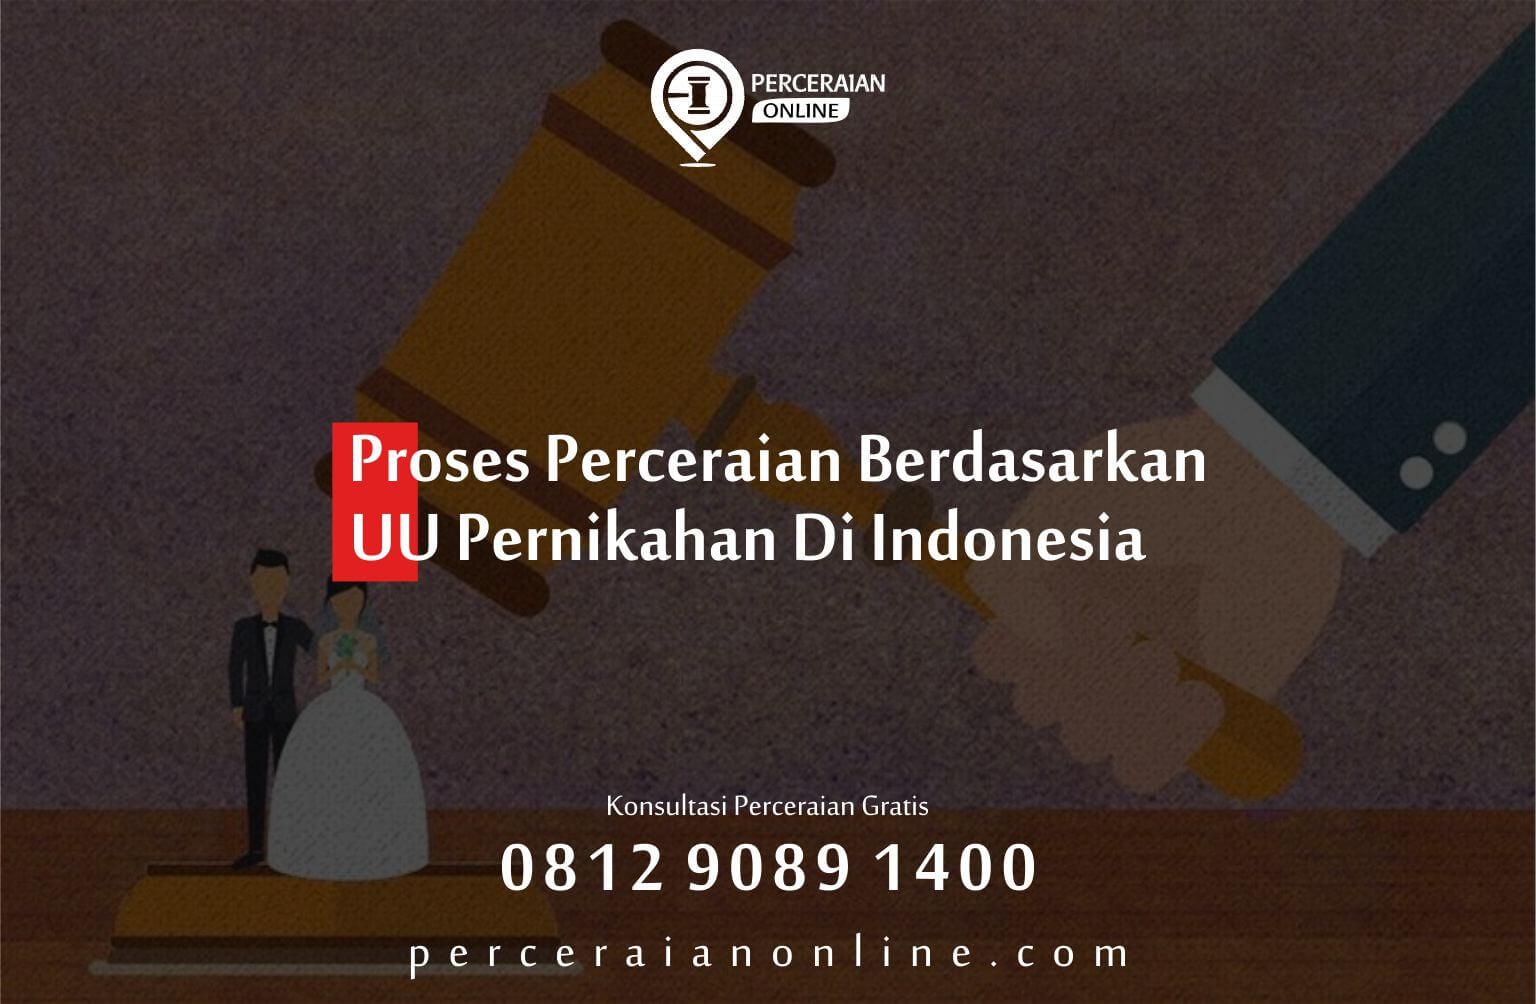 Proses Perceraian Berdasarkan Uu Pernikahan Di Indonesia